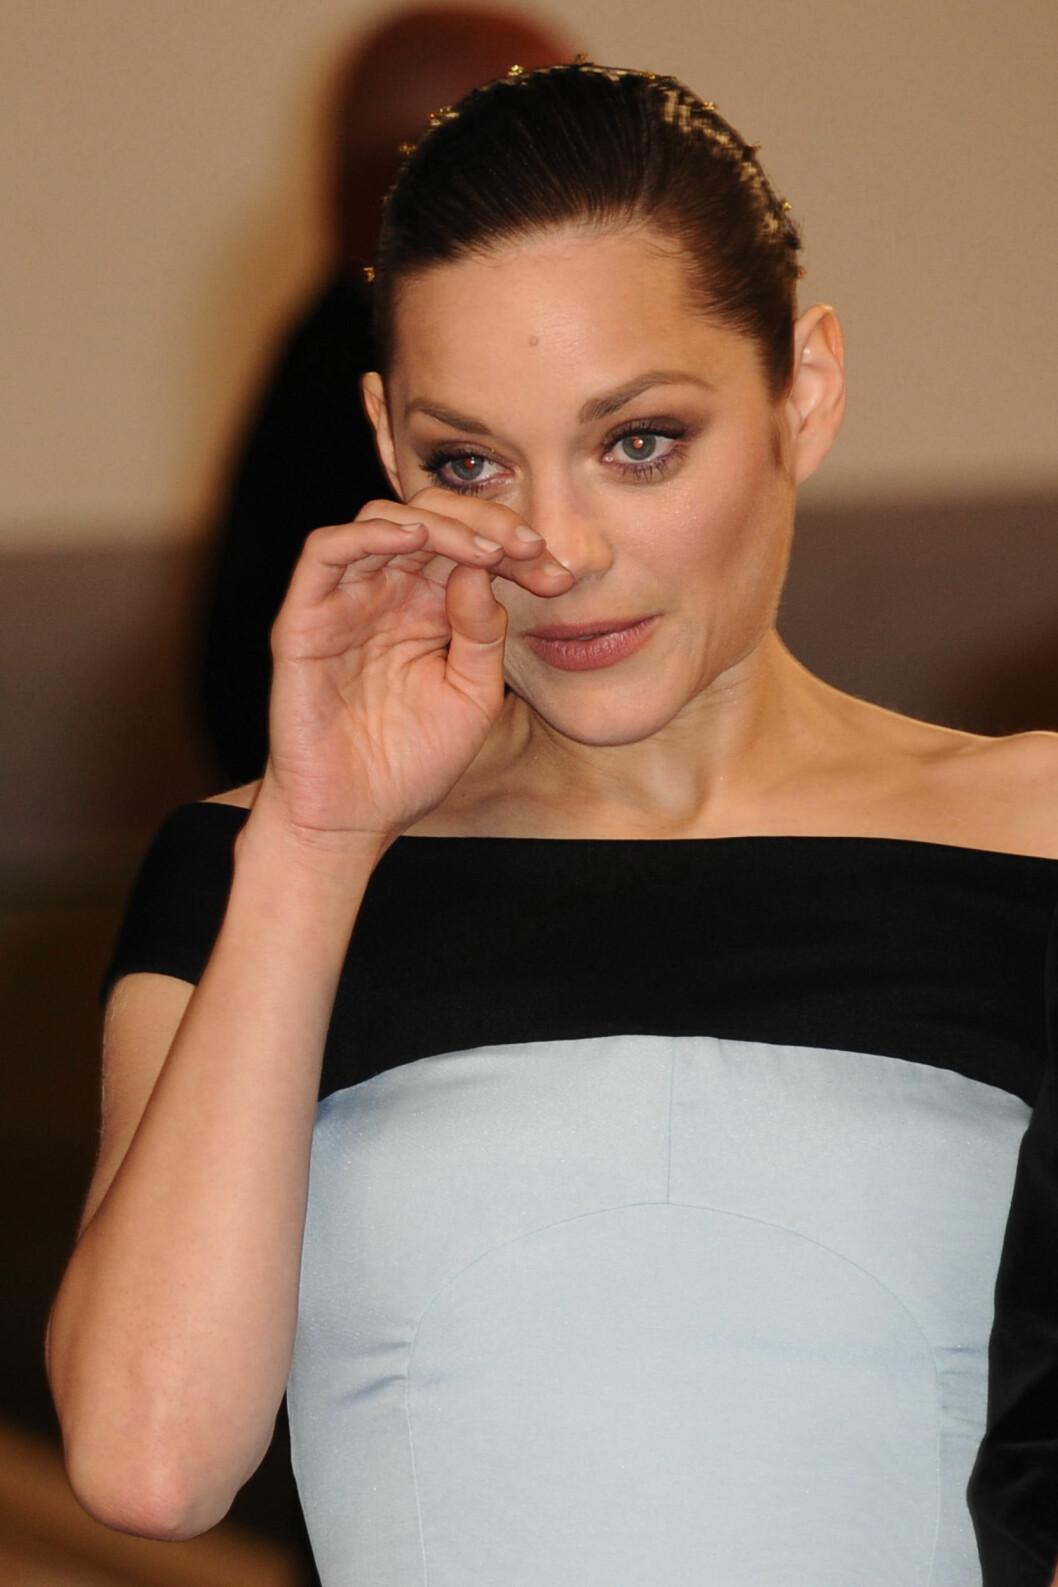 OPPRØRT: Skuespiller Marion Cotillard skal være sjokkert over utroskapsanklager, skriver Daily Mail. Her er hun avbildet etter visningen av «The Little Prince» under filmfestivalen i Cannes i mai.   Foto: Abaca